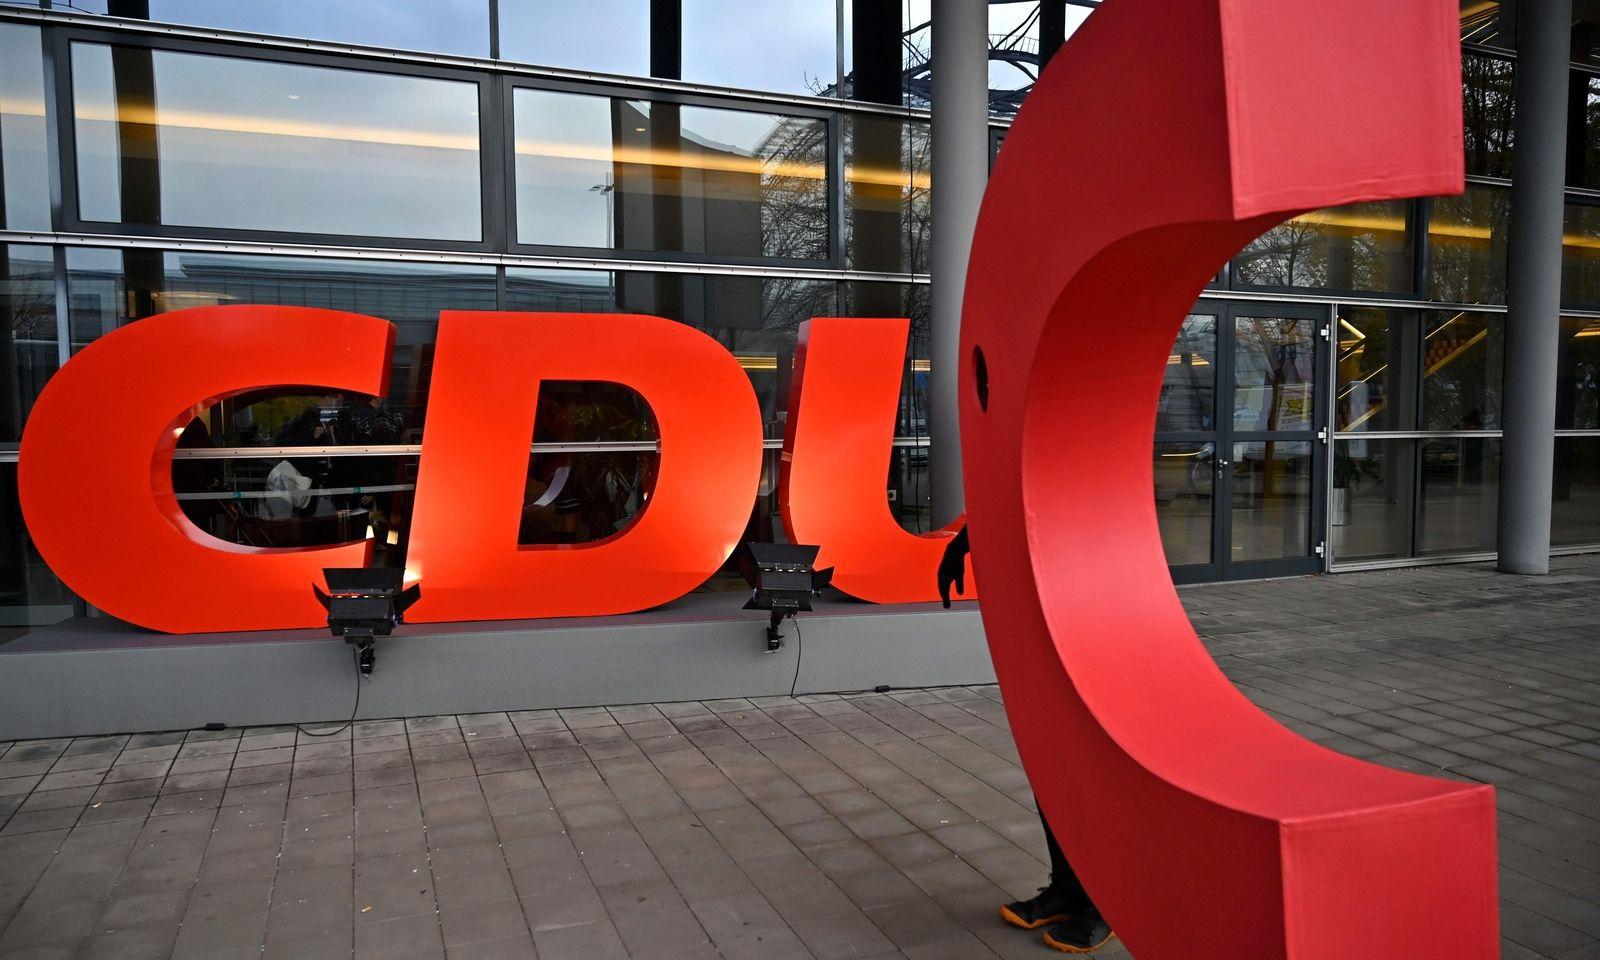 Das gestohlene ''C'' ist wieder aufgetaucht. Am Donnerstag hatten Umweltaktivisten den Buchstaben aus dem Logo der deutschen Partei entfernt und mit einem Spruchbanner ergänzt, sodass dort stand: ''DU sollst das Klima schützen''.